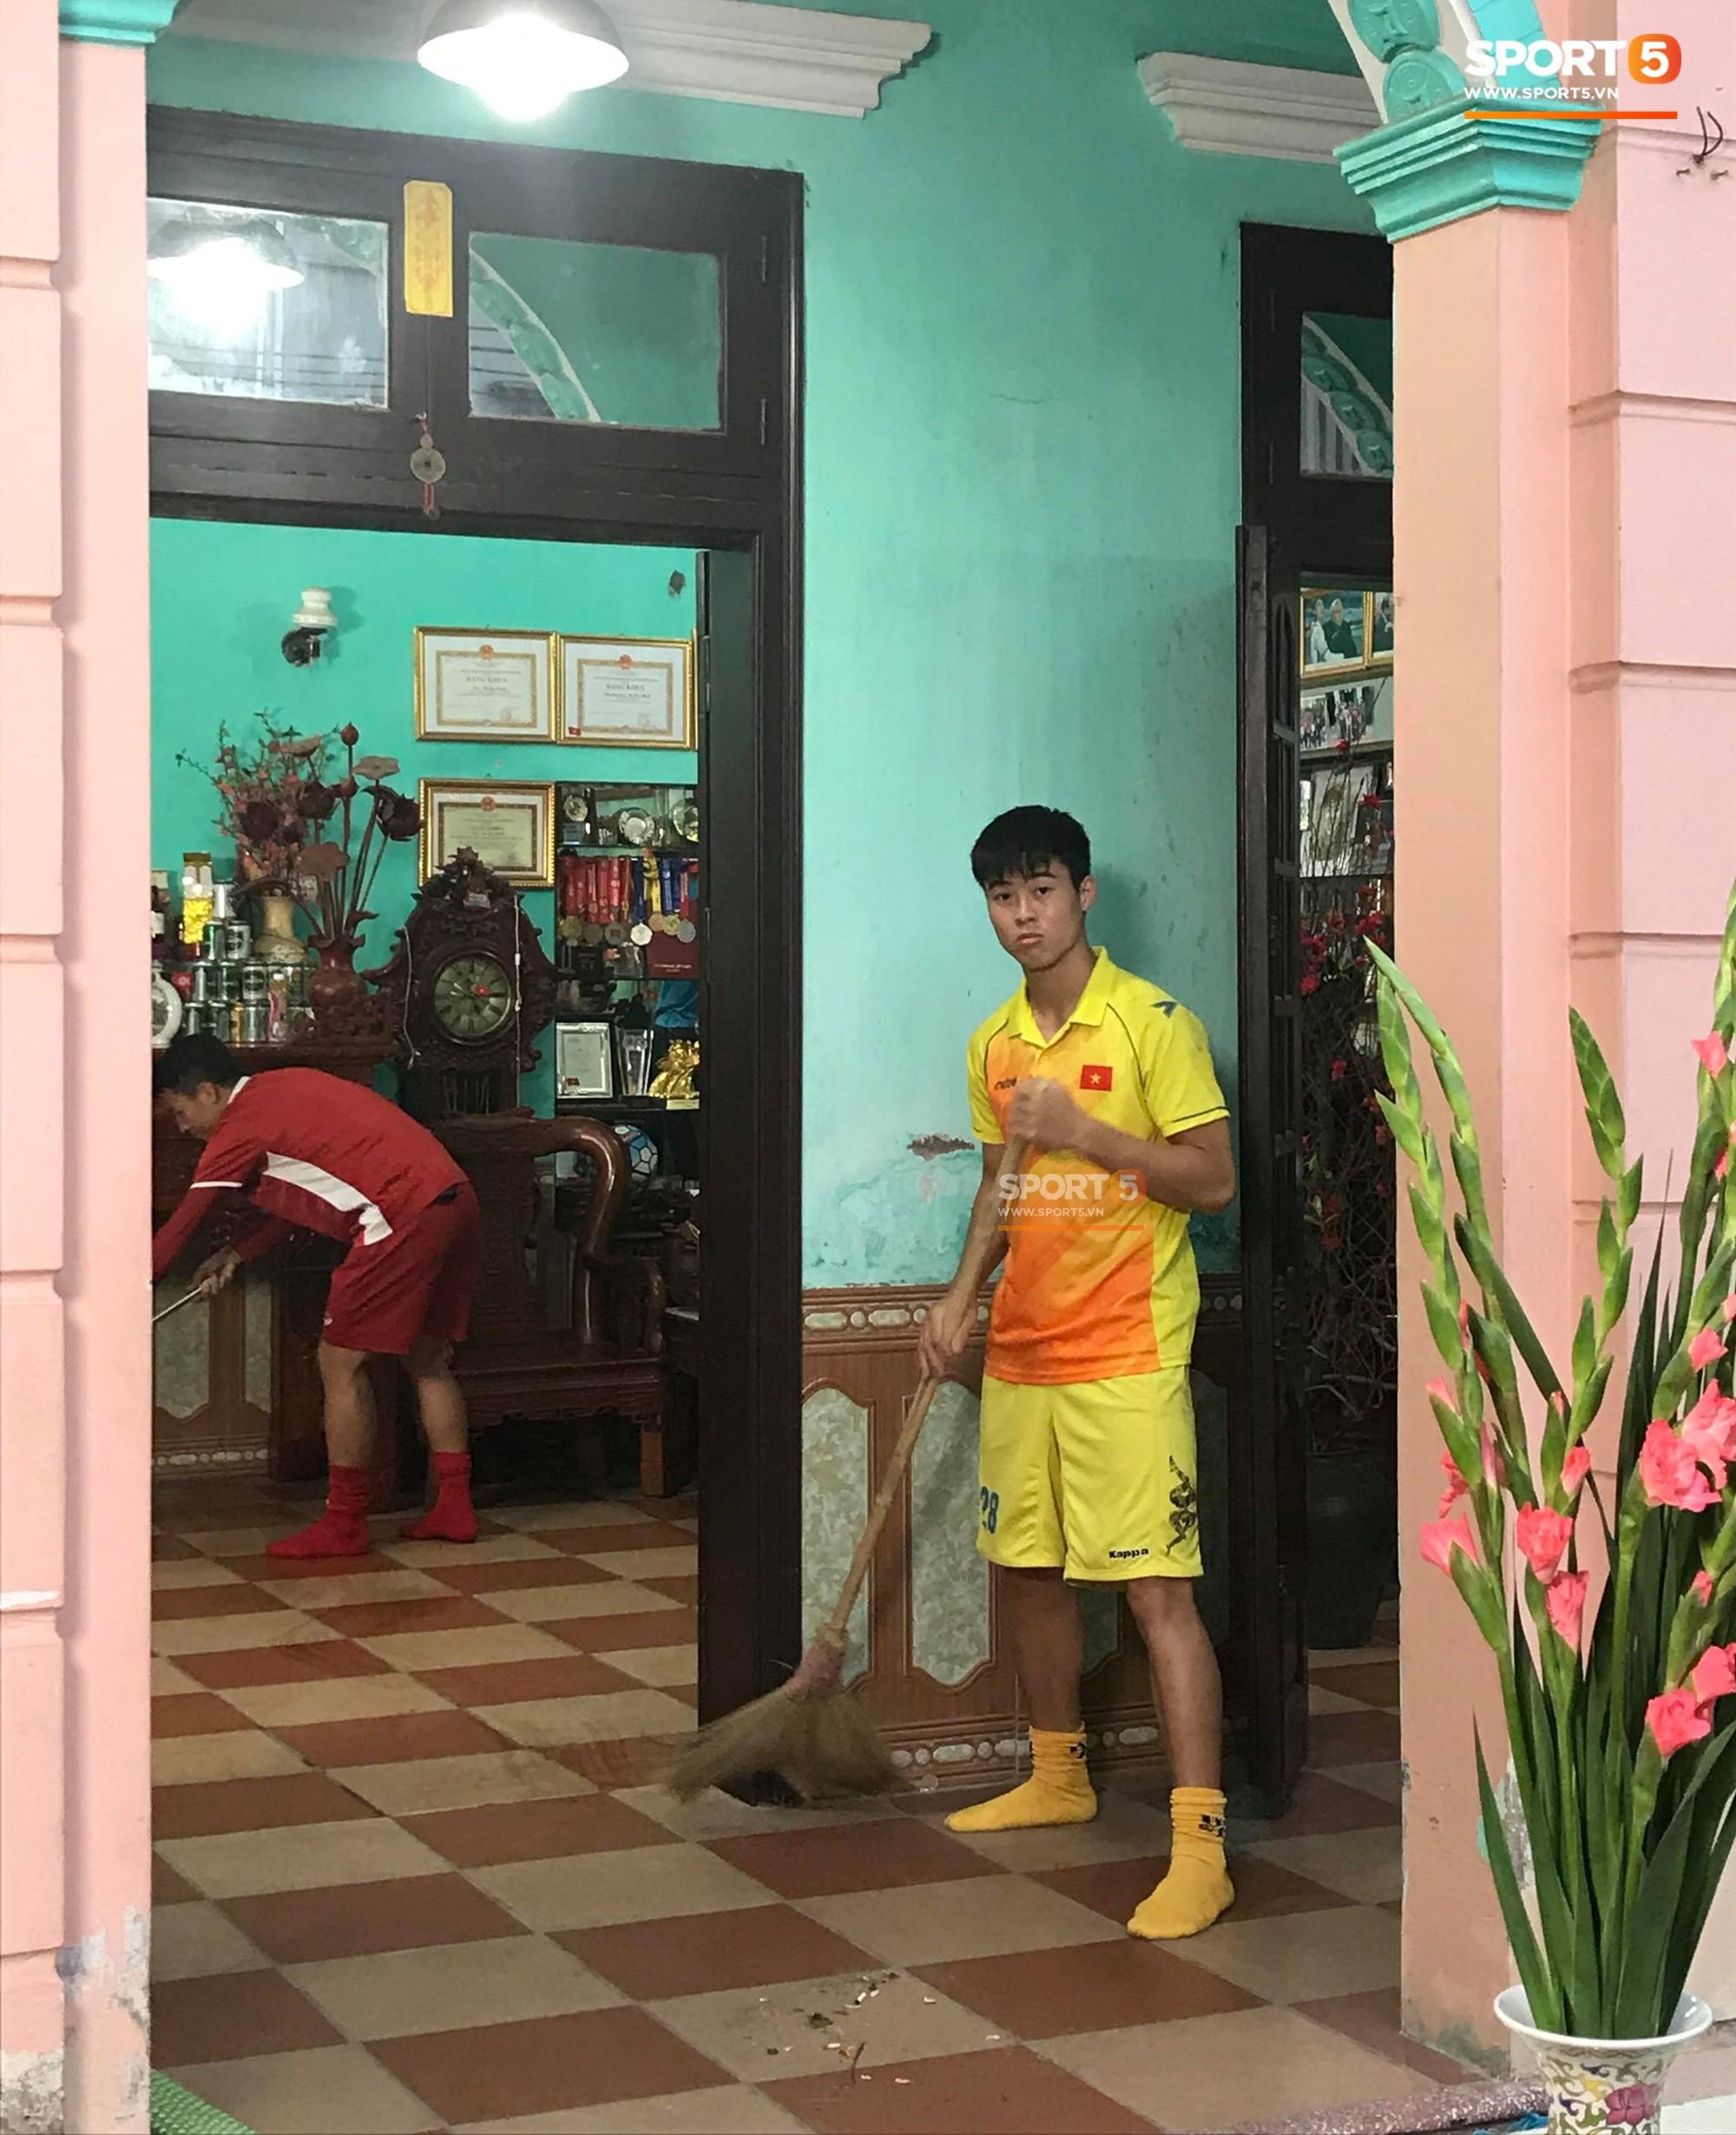 Tiến Dũng, Đình Trọng sang dọn nhà, gói bánh chưng cùng Duy Mạnh - Ảnh 2.